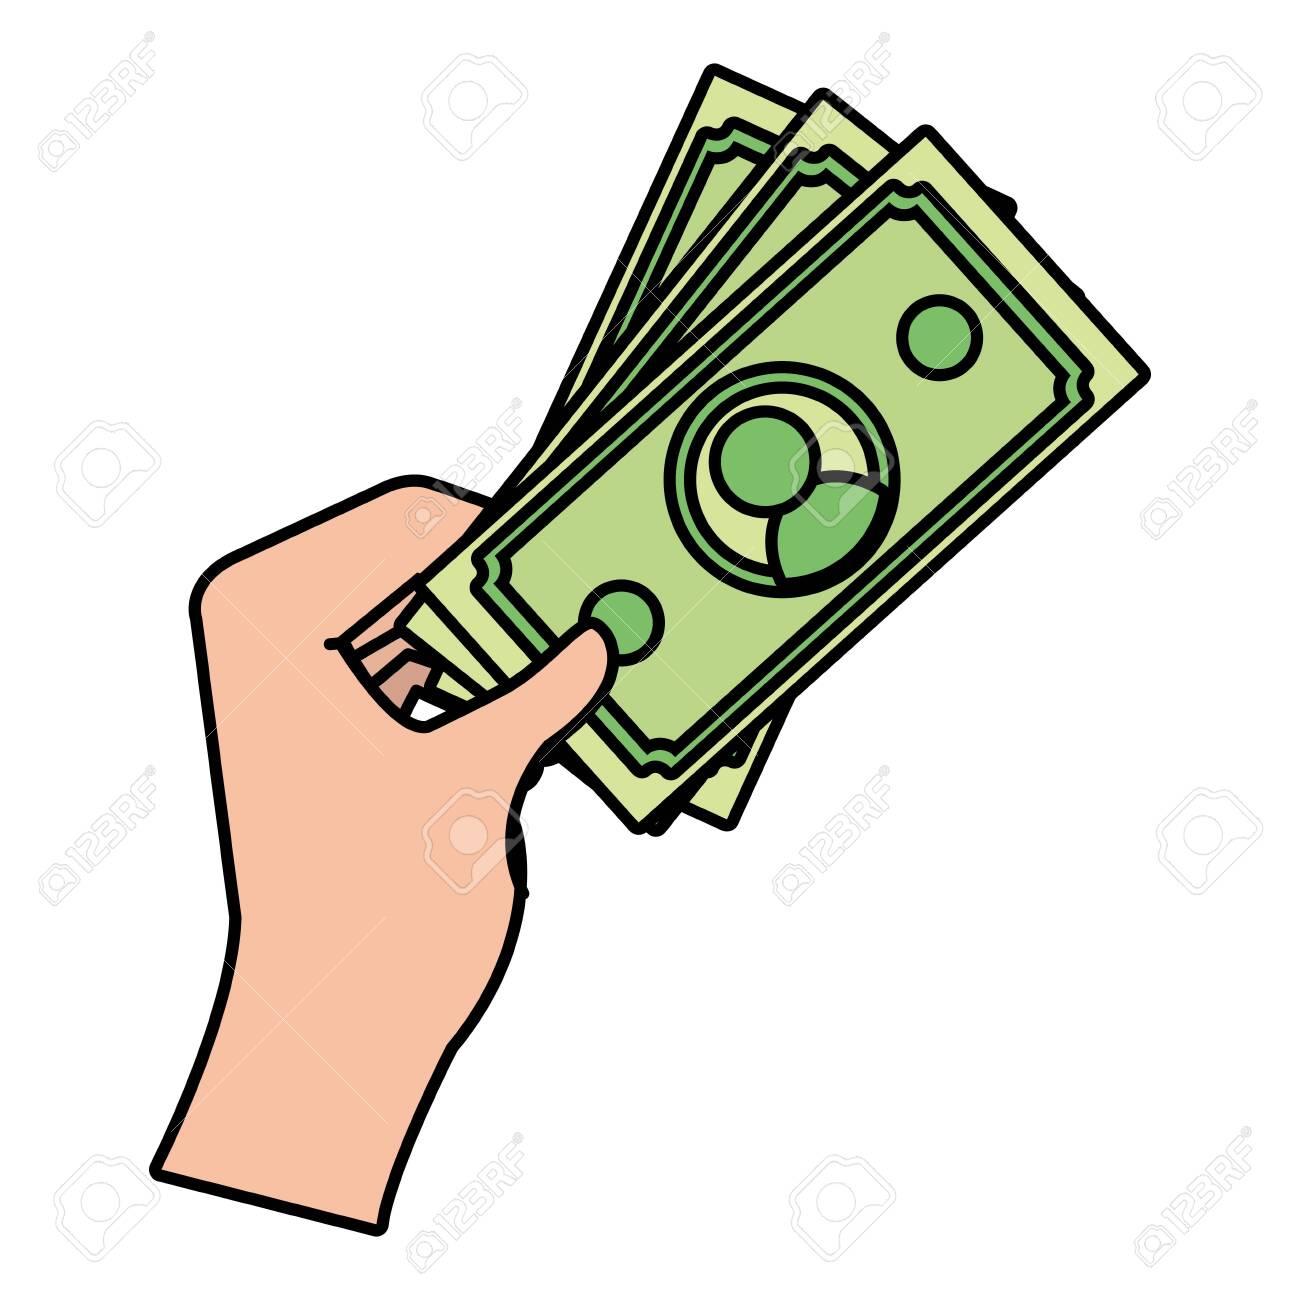 human hand holding cash money bills cartoon vector illustration...